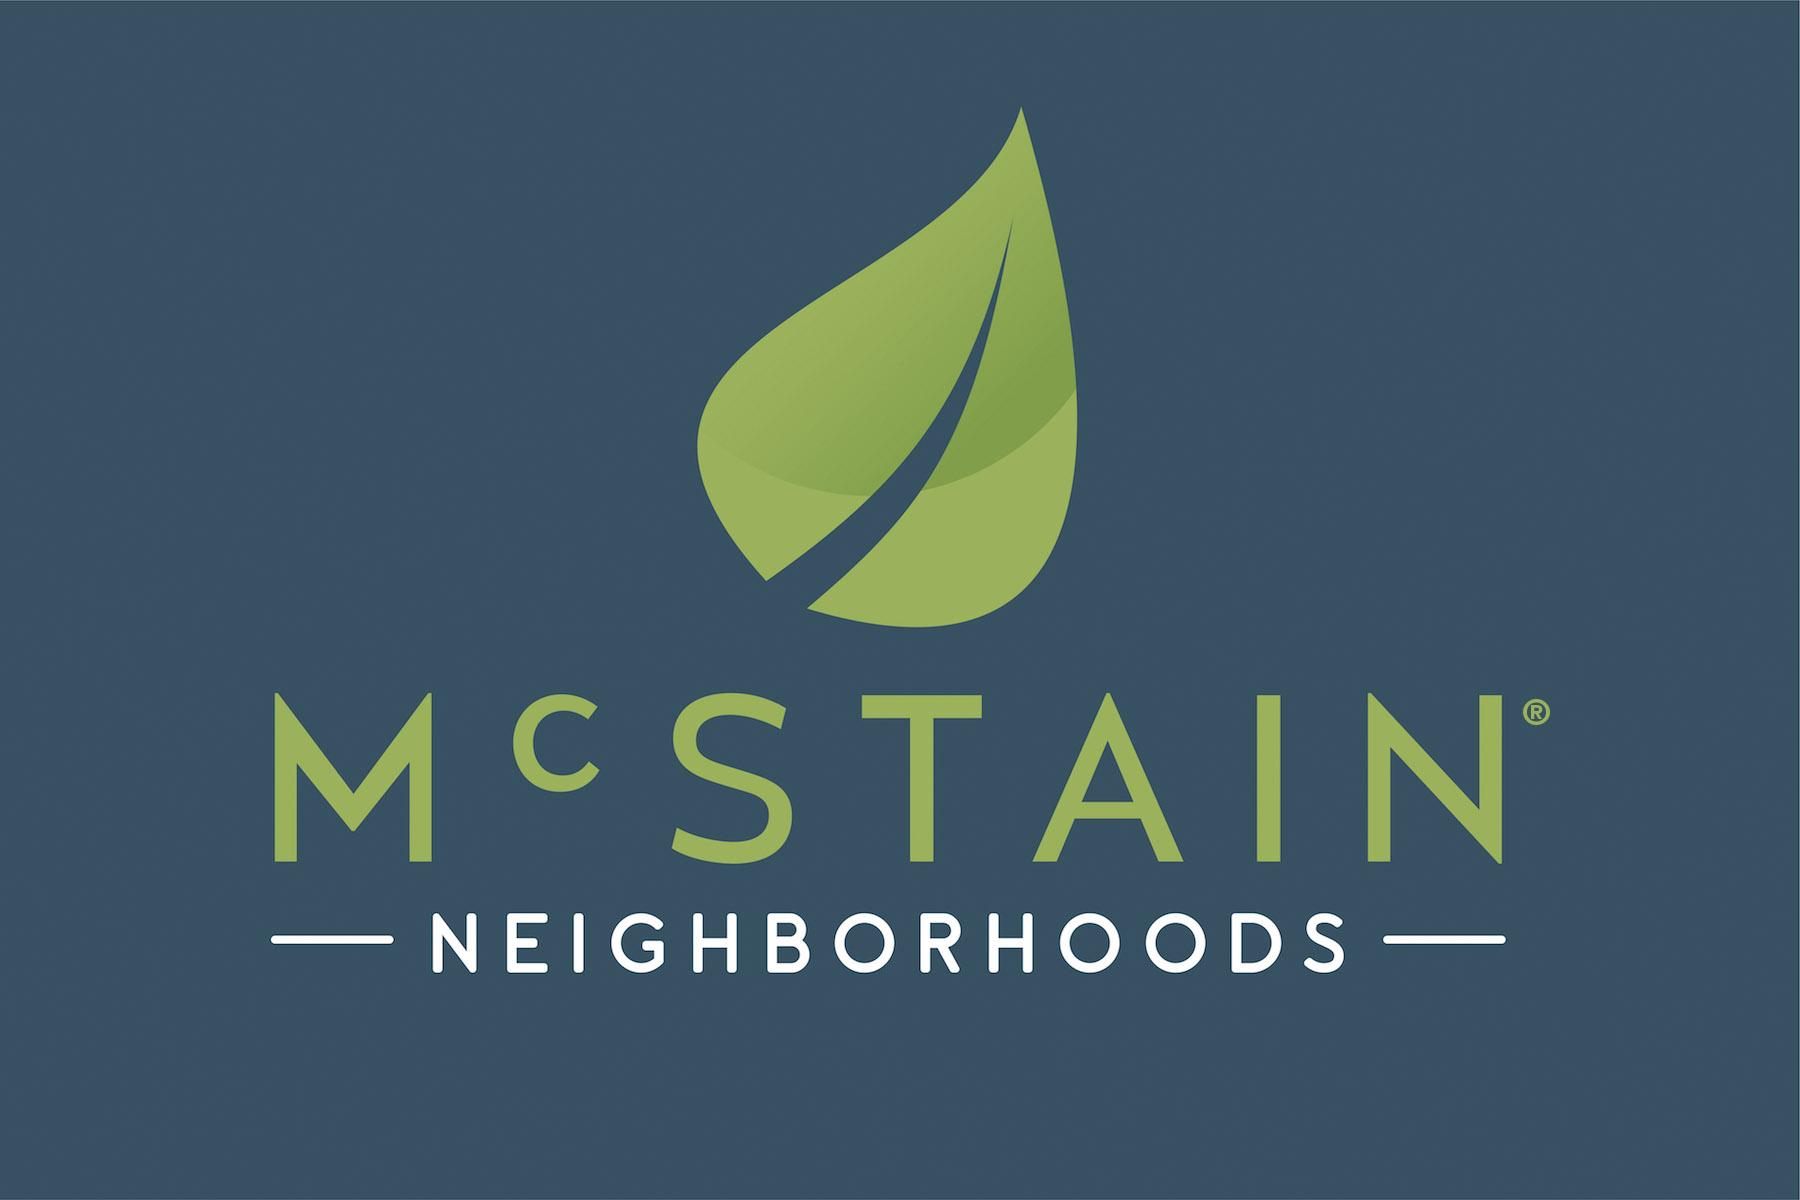 McStain Neighborhoods